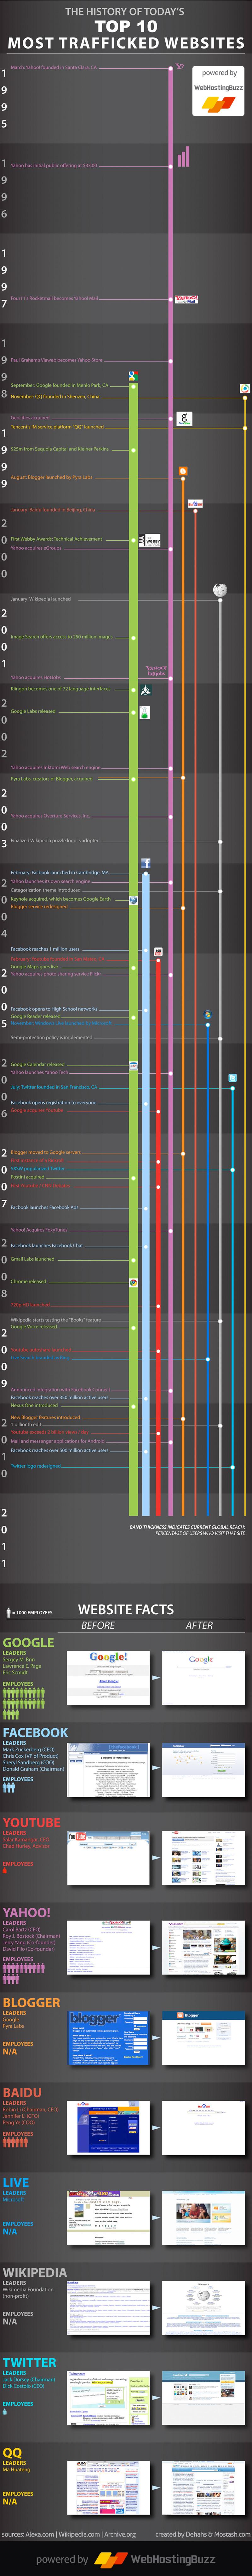 L'histoire des 10 sites les plus vus sur Internet